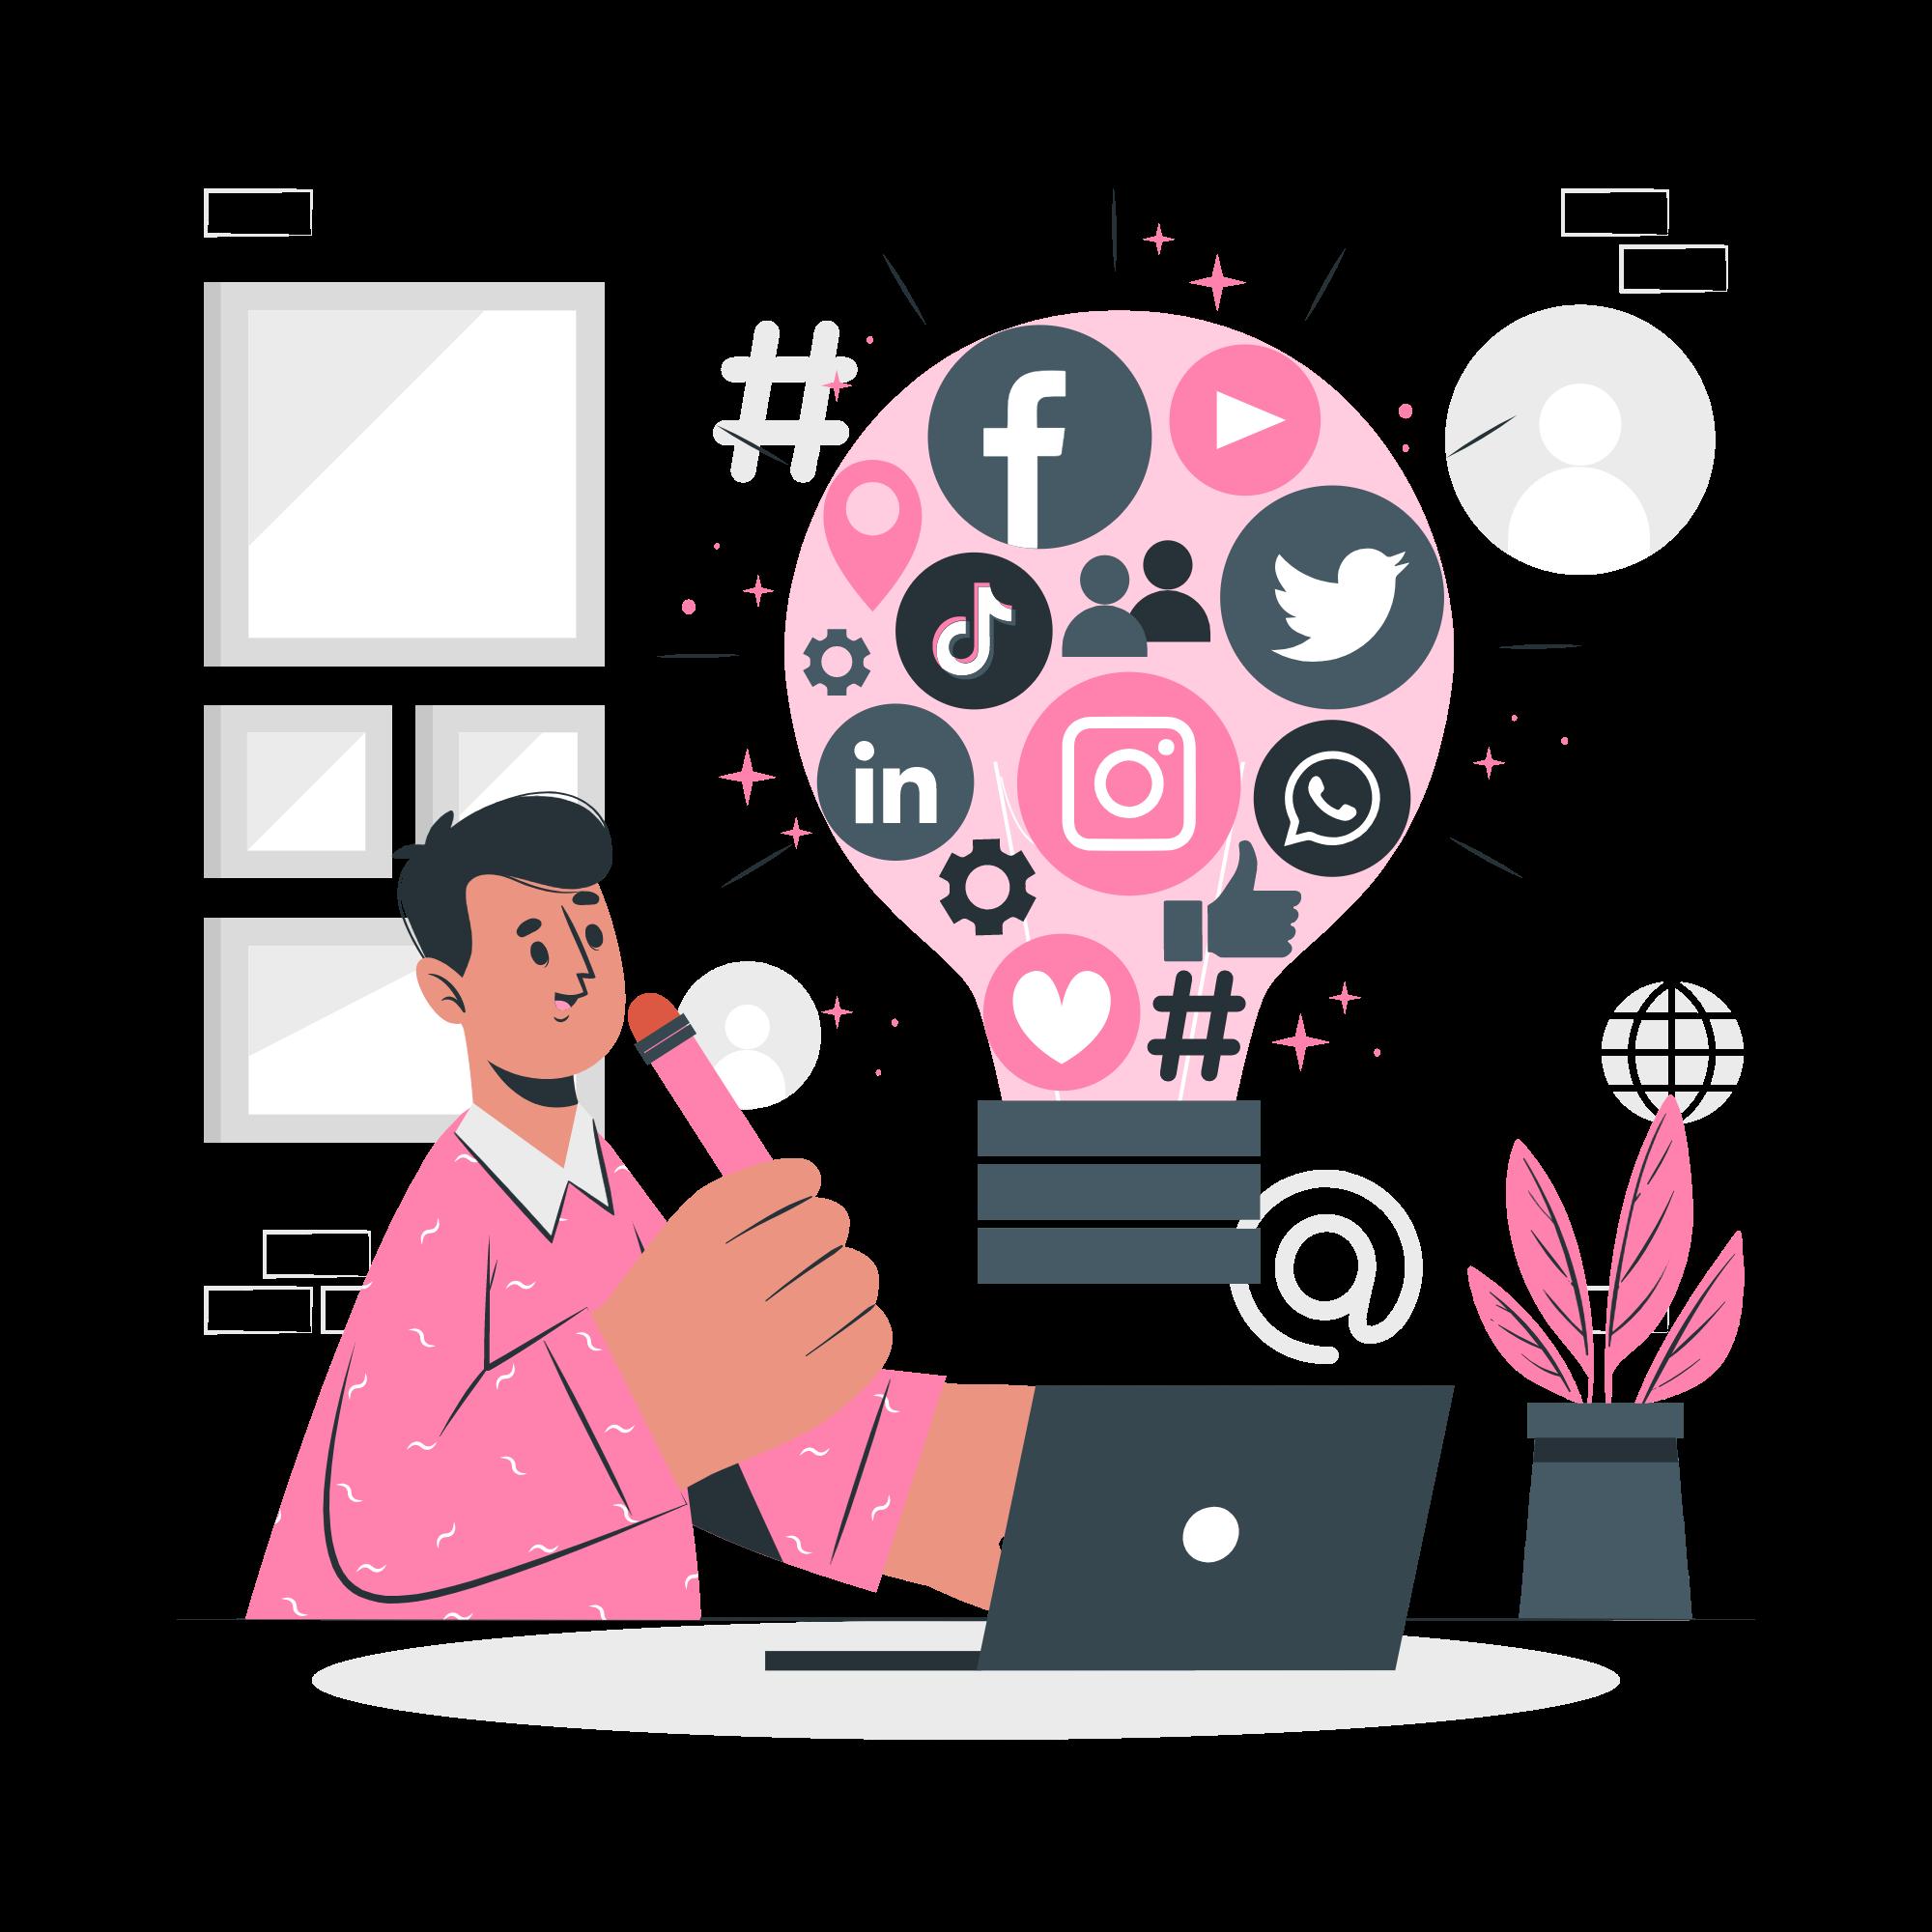 Agencia De Marketing Digital Para Pymes, Autónomos : Diseño Y Desarrollo Web, SEO,SEM, Social Media Y ADS, Growth